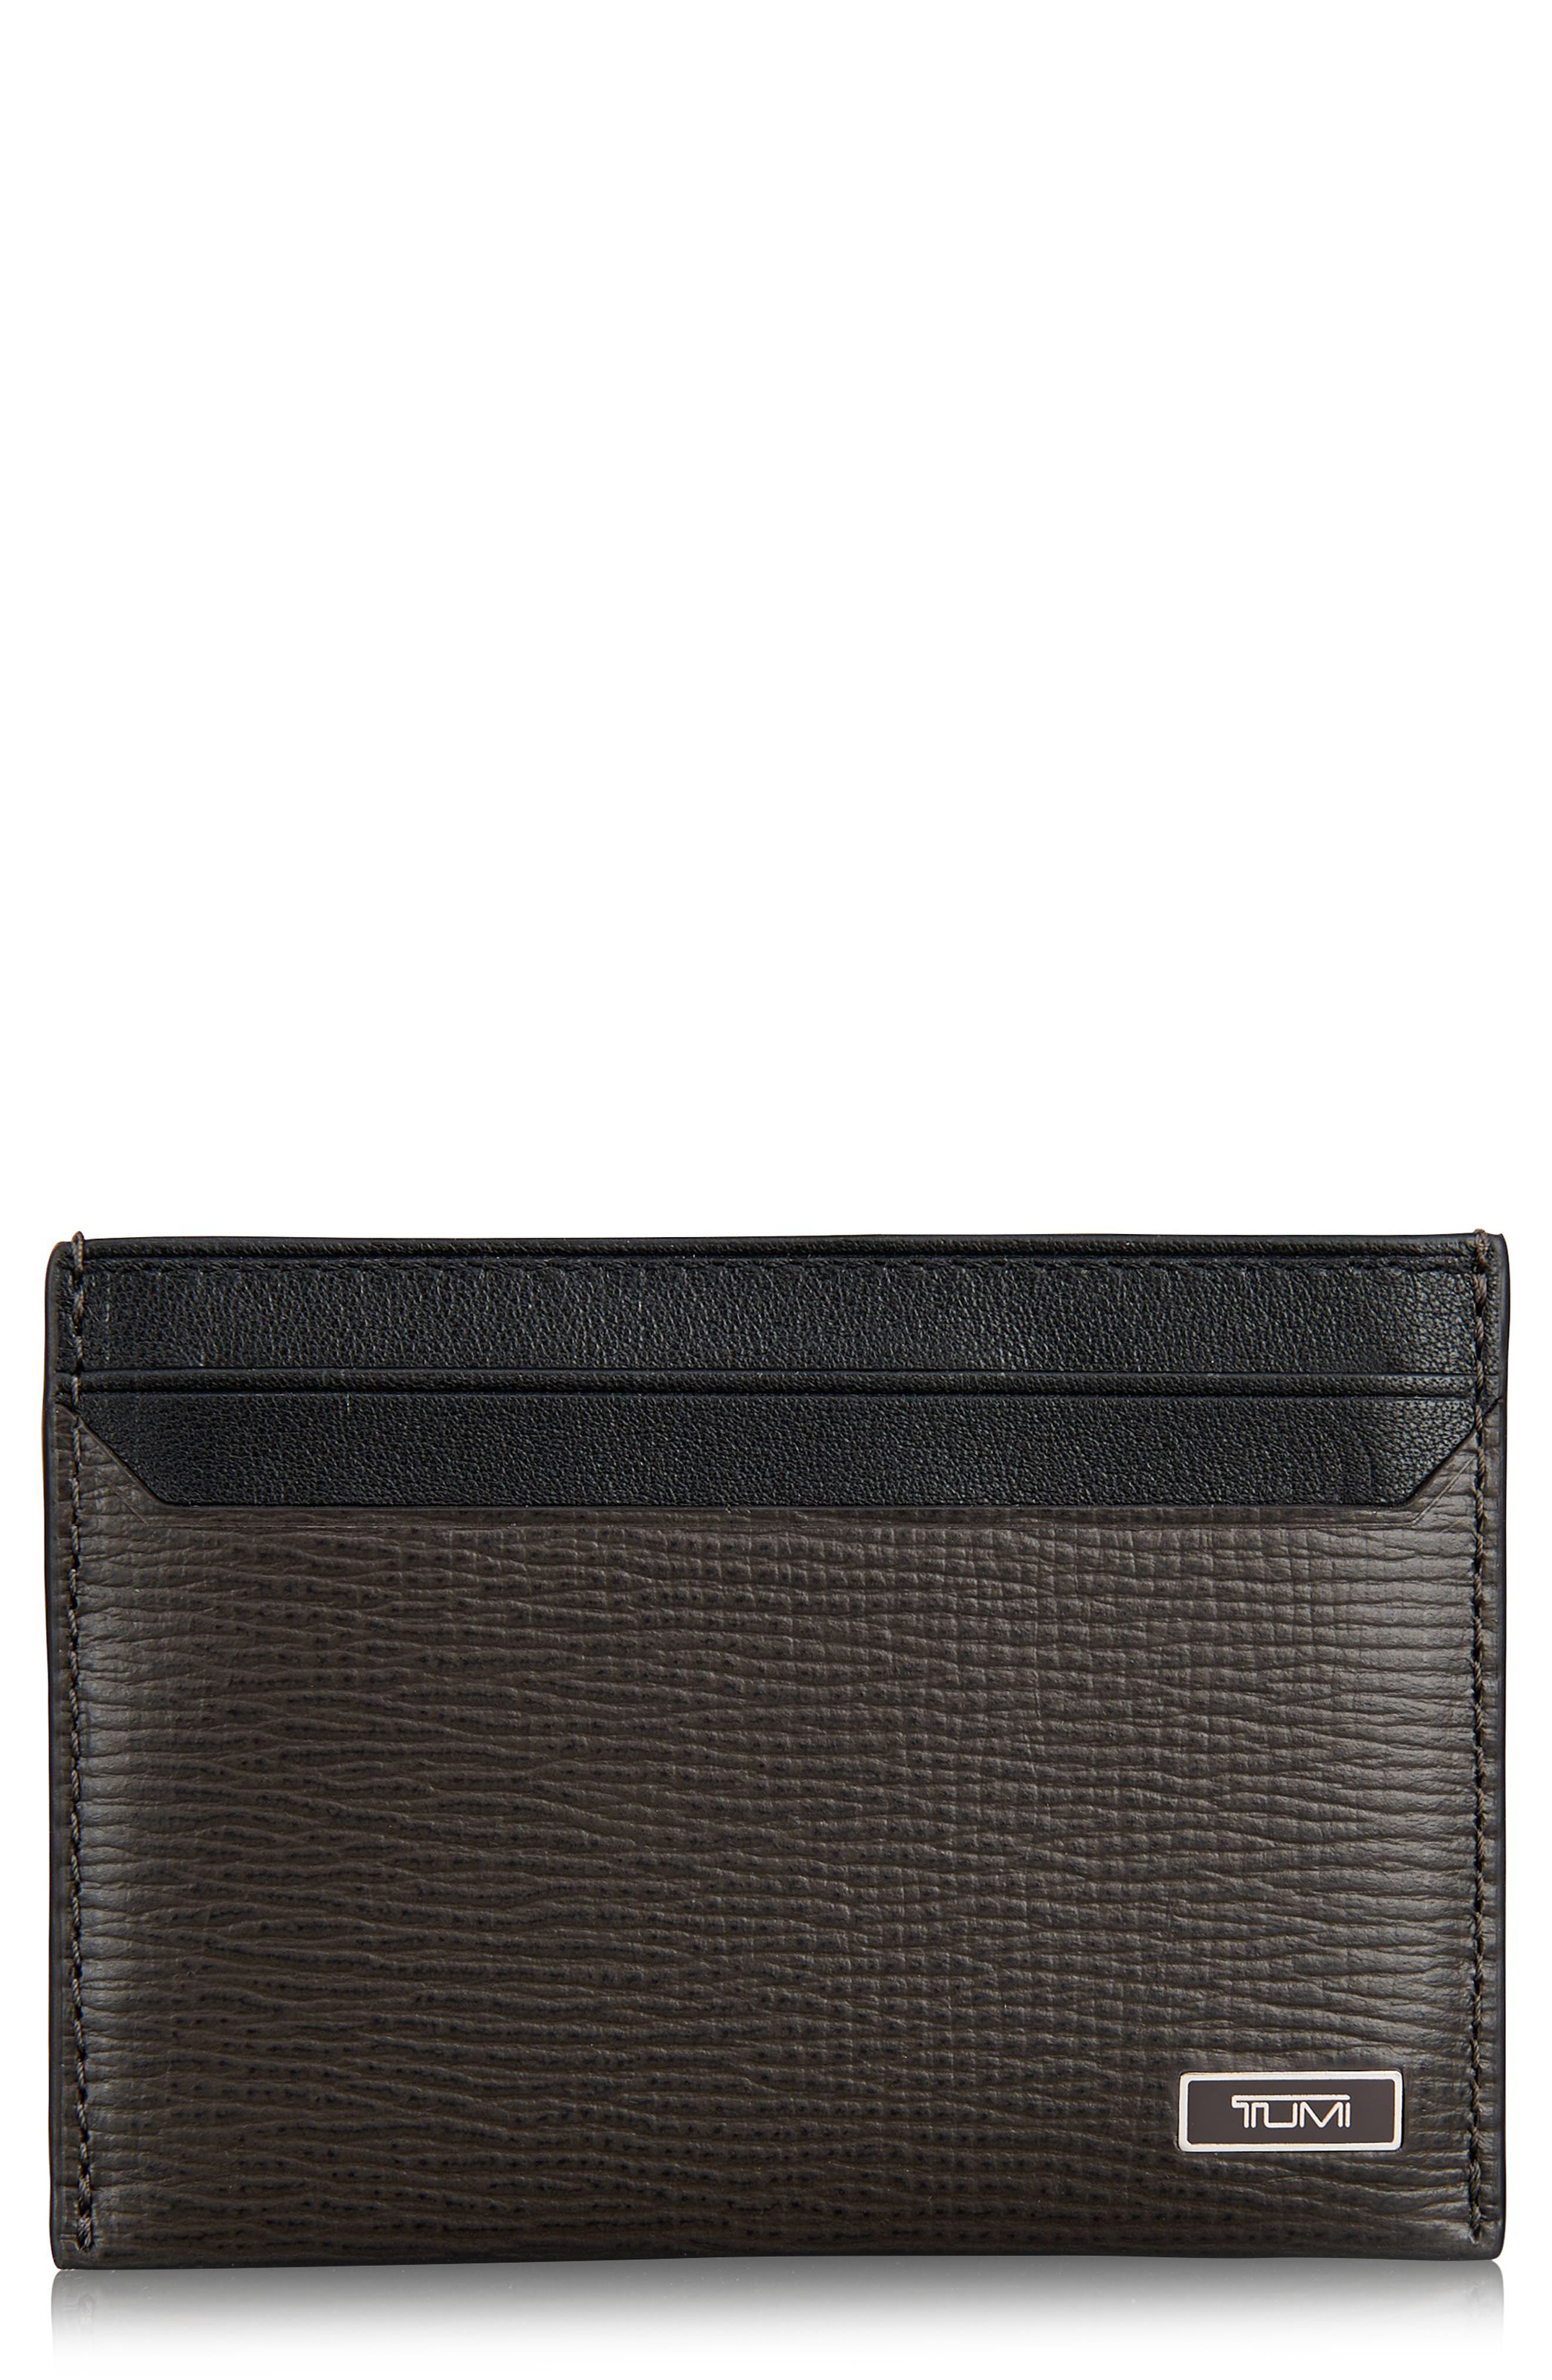 Main Image - Tumi Monaco Leather Card Case